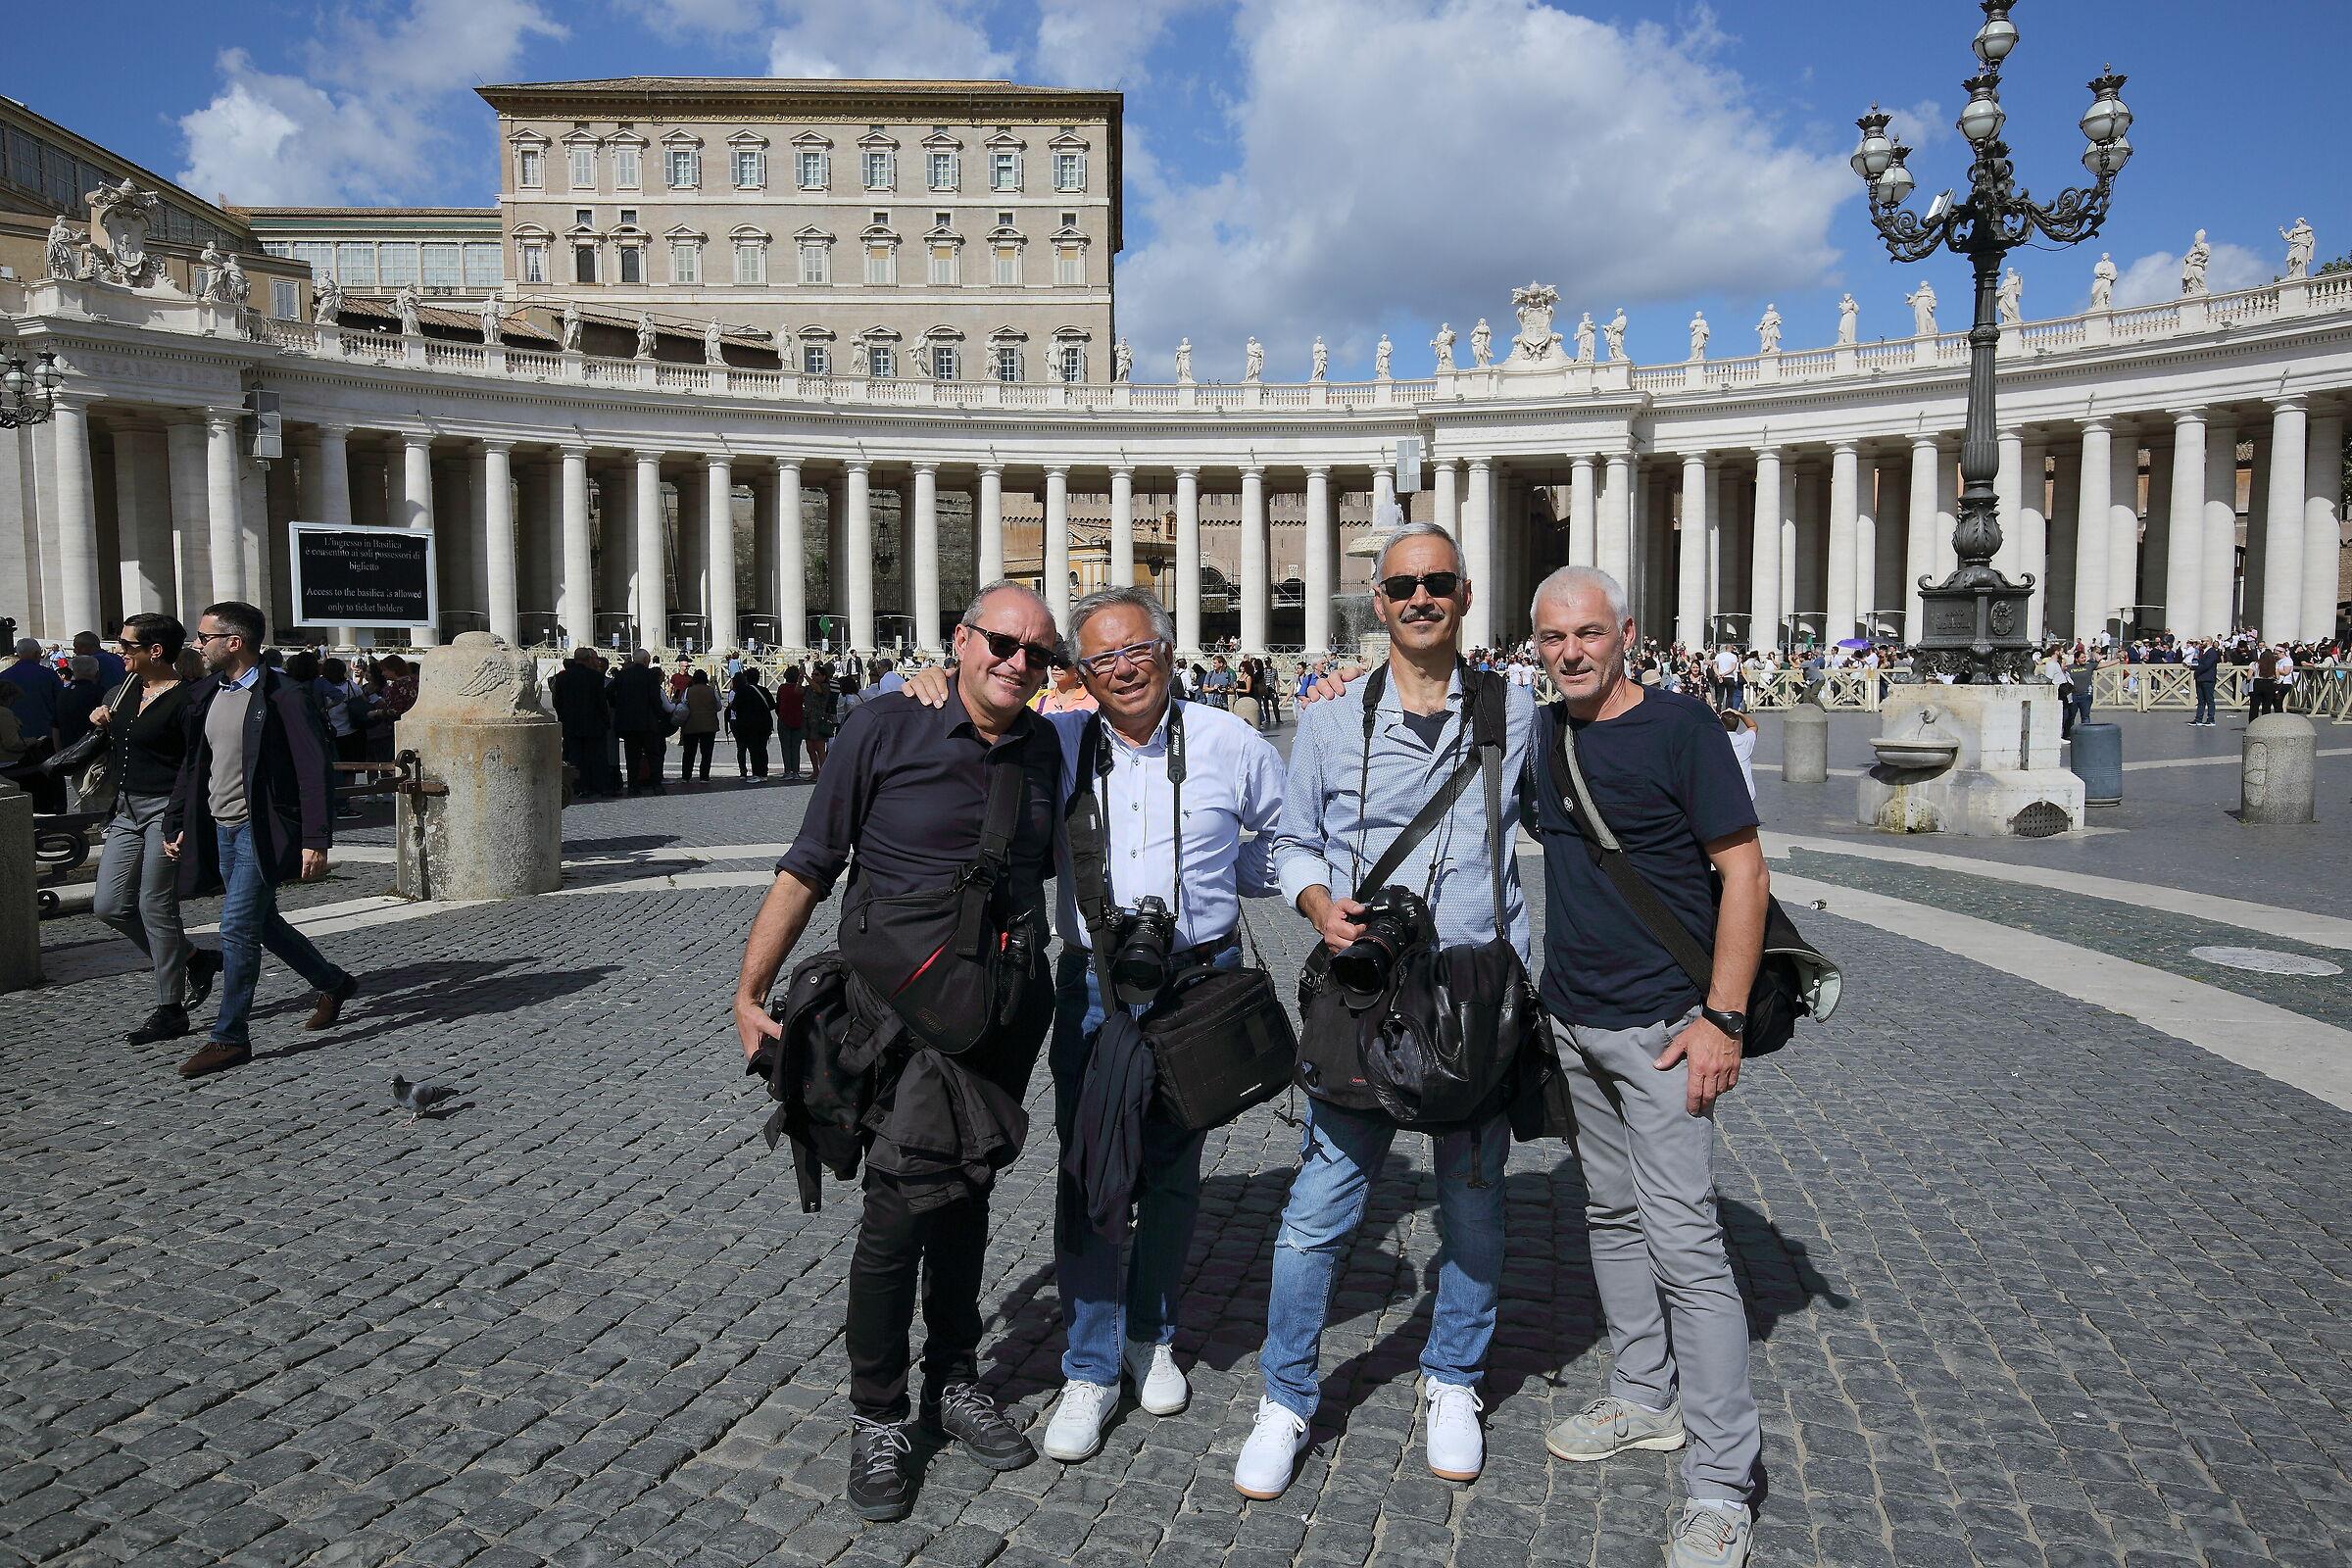 Meet us in St. Peter's...